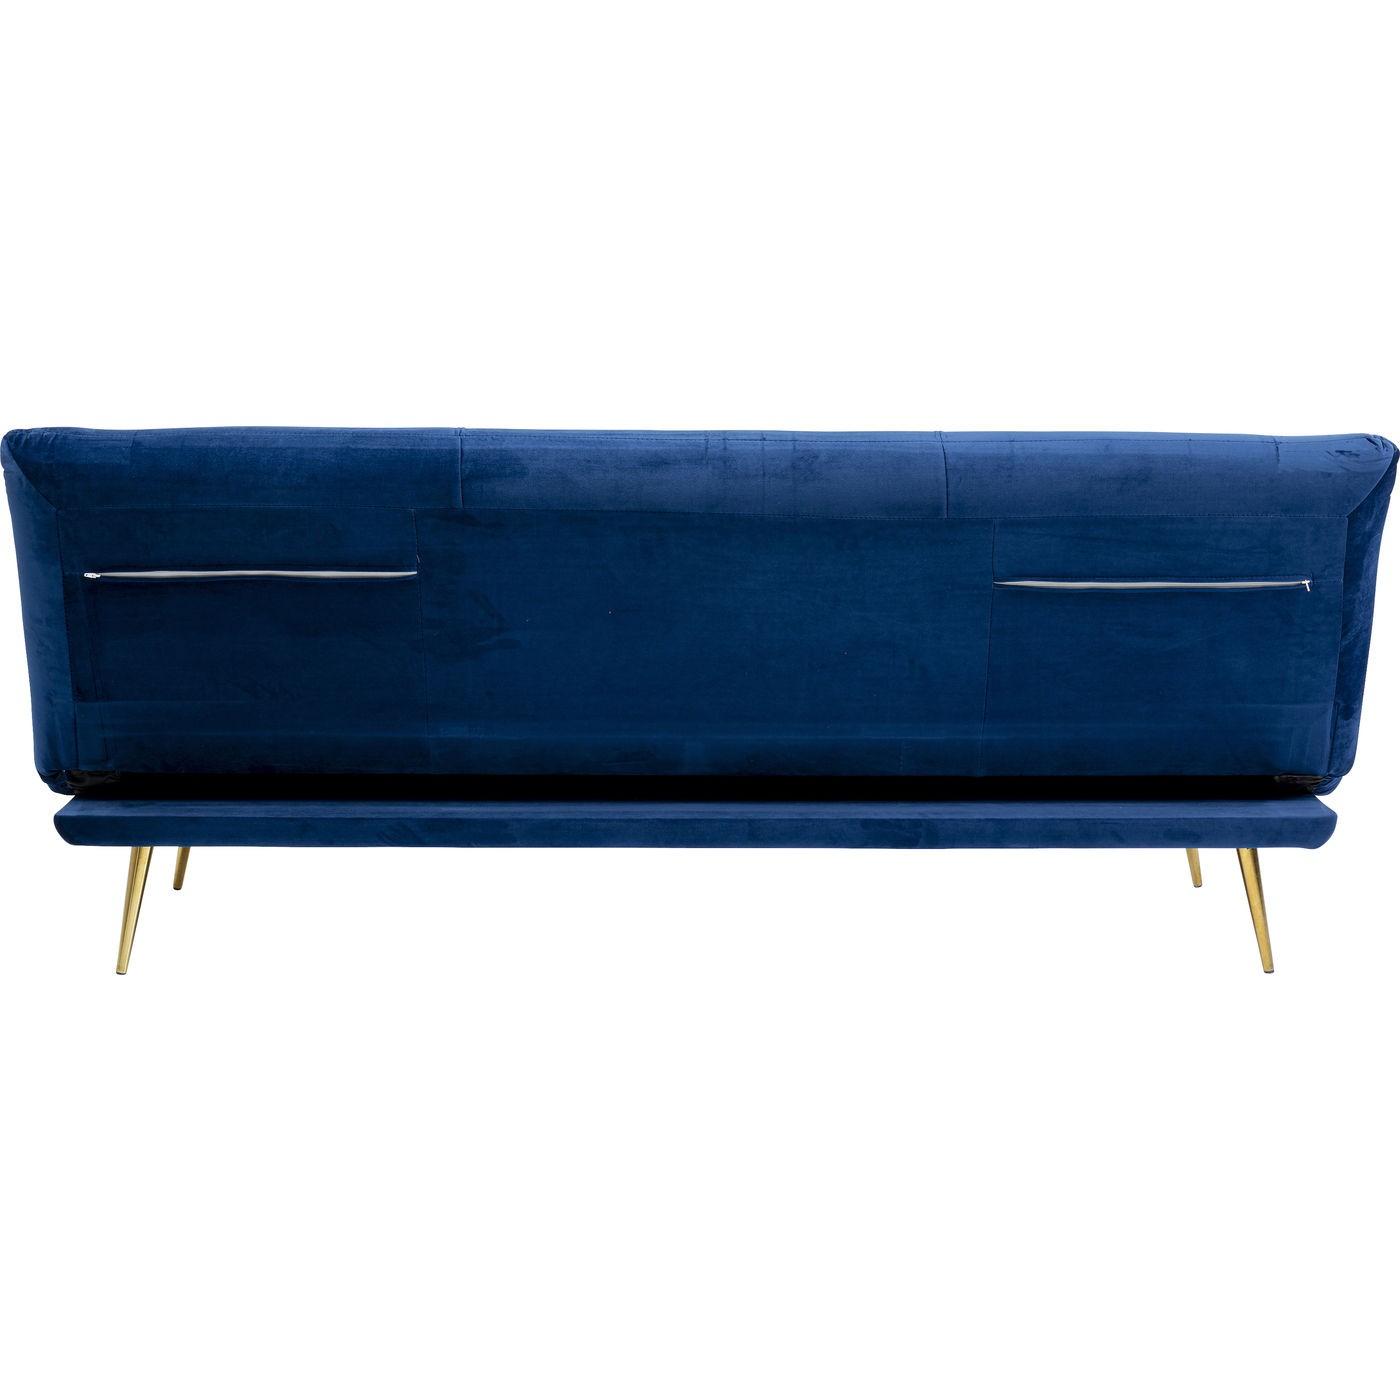 Canapé-lit Soda bleu 188cm Kare Design